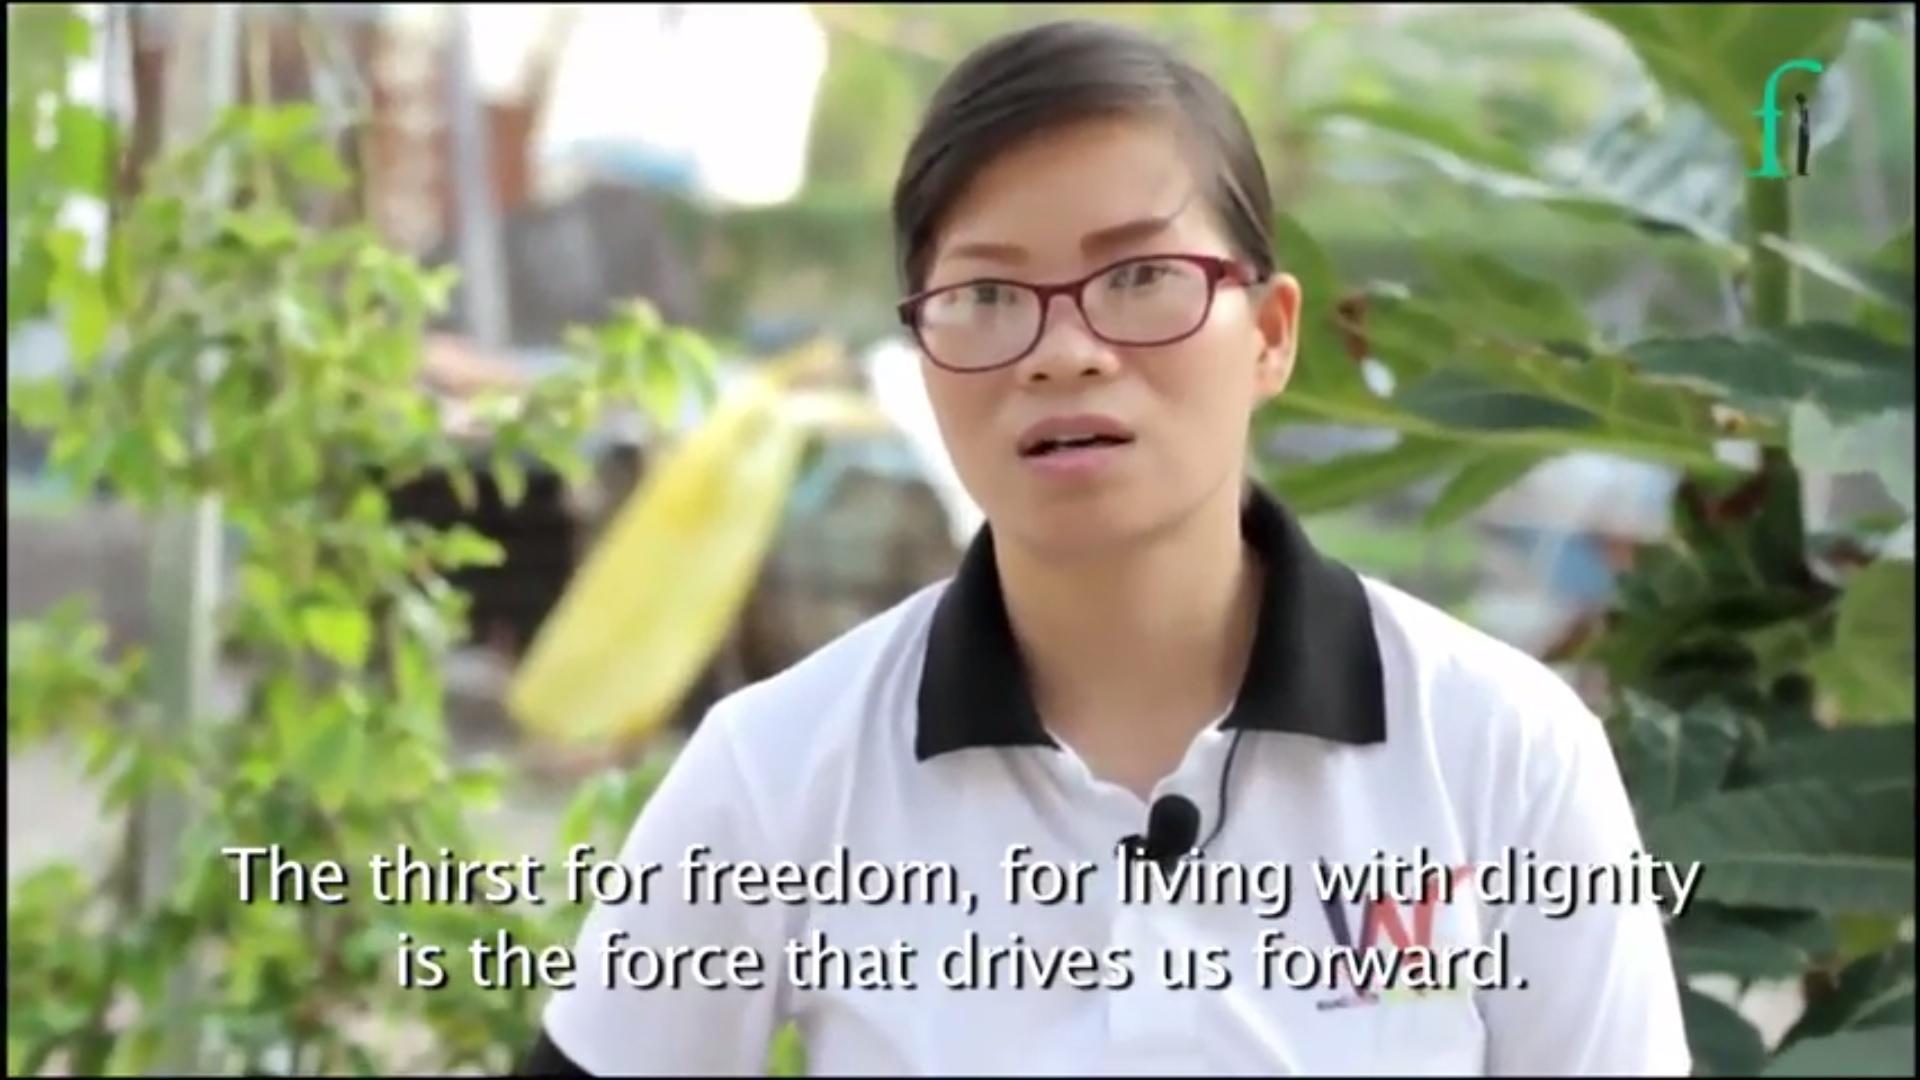 Front Line Defenders đăng video về cựu TNLT Phạm Thanh Nghiên trước khi trao giải nhân quyền